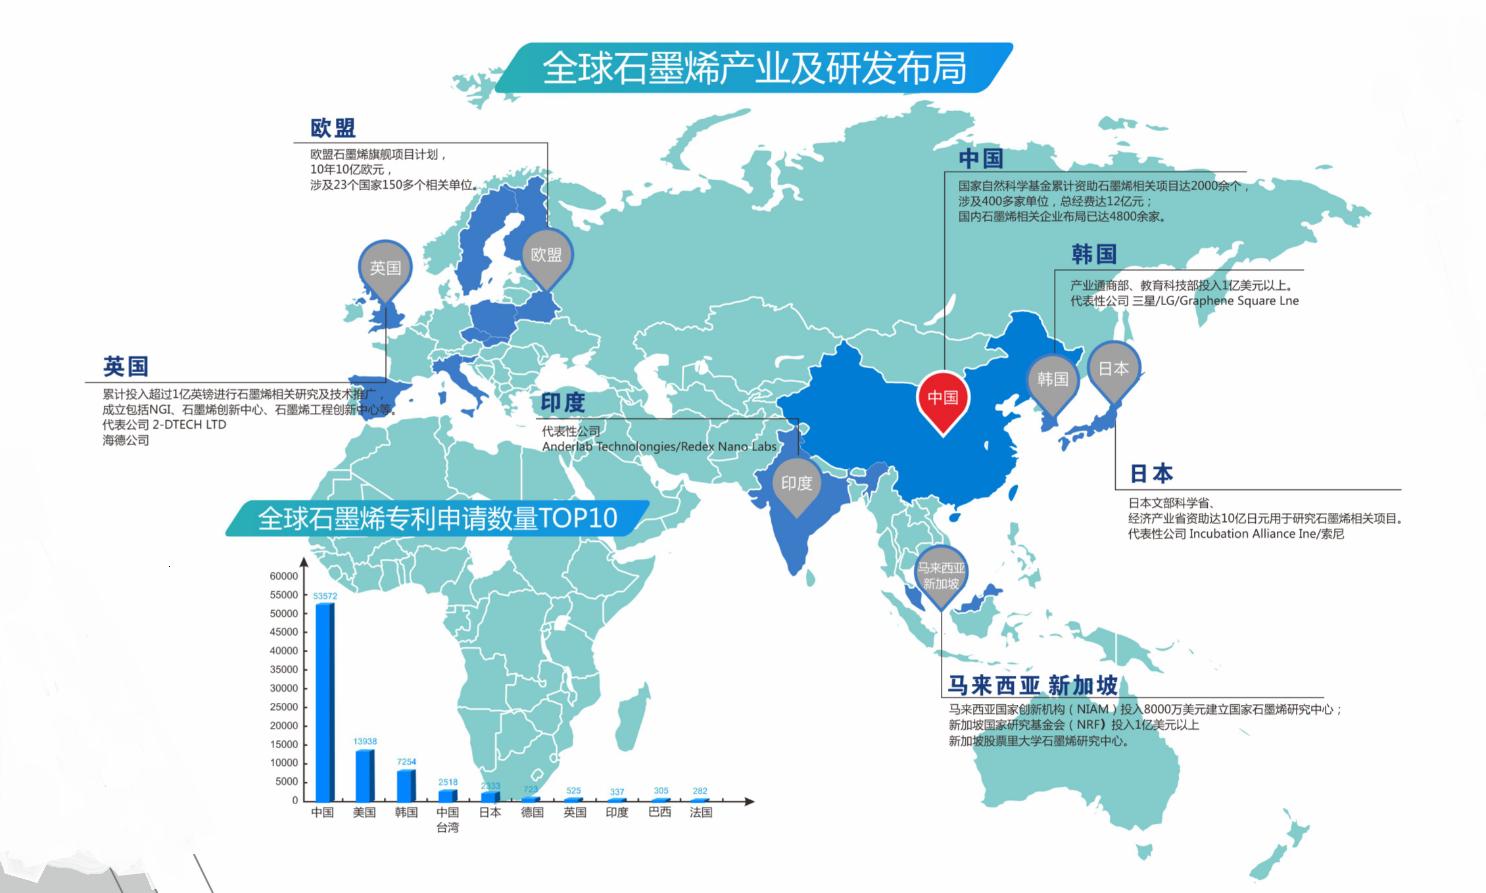 不要让过度质疑扼杀了烯望——中国特色石墨烯产业发展之路系列报道之二